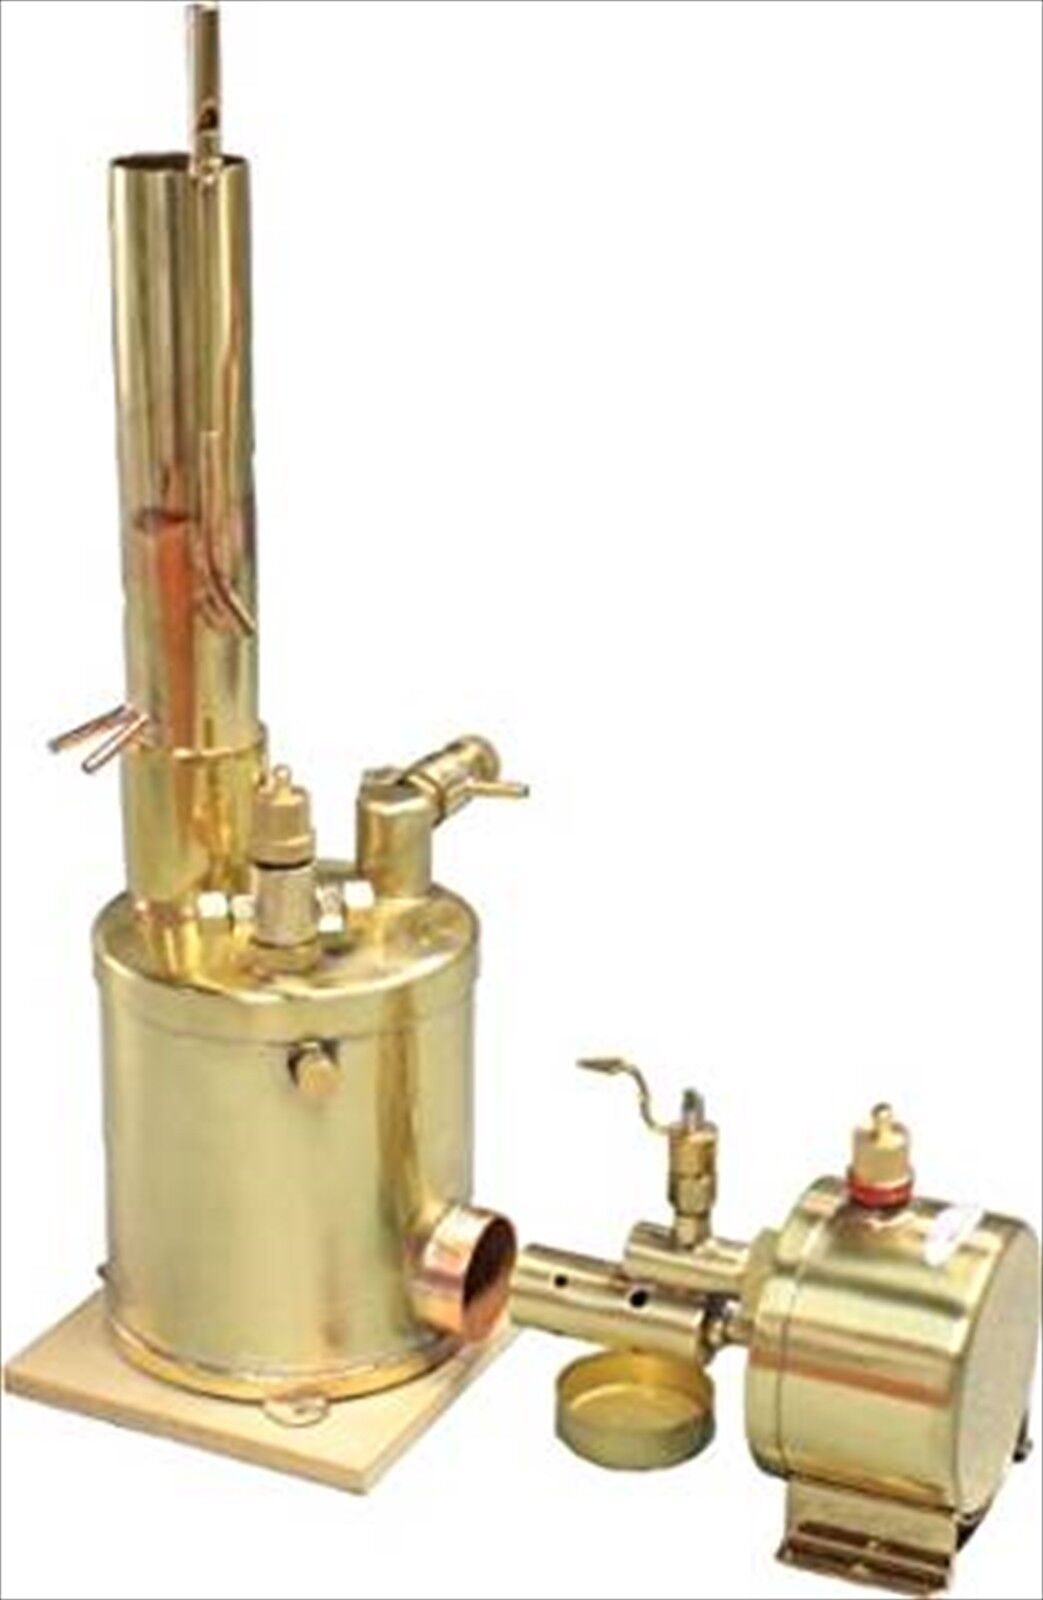 Saito Steam calderas para Modelo De Barco Bt-1L verdeical Tipo de Japón - 1000 Nuevo